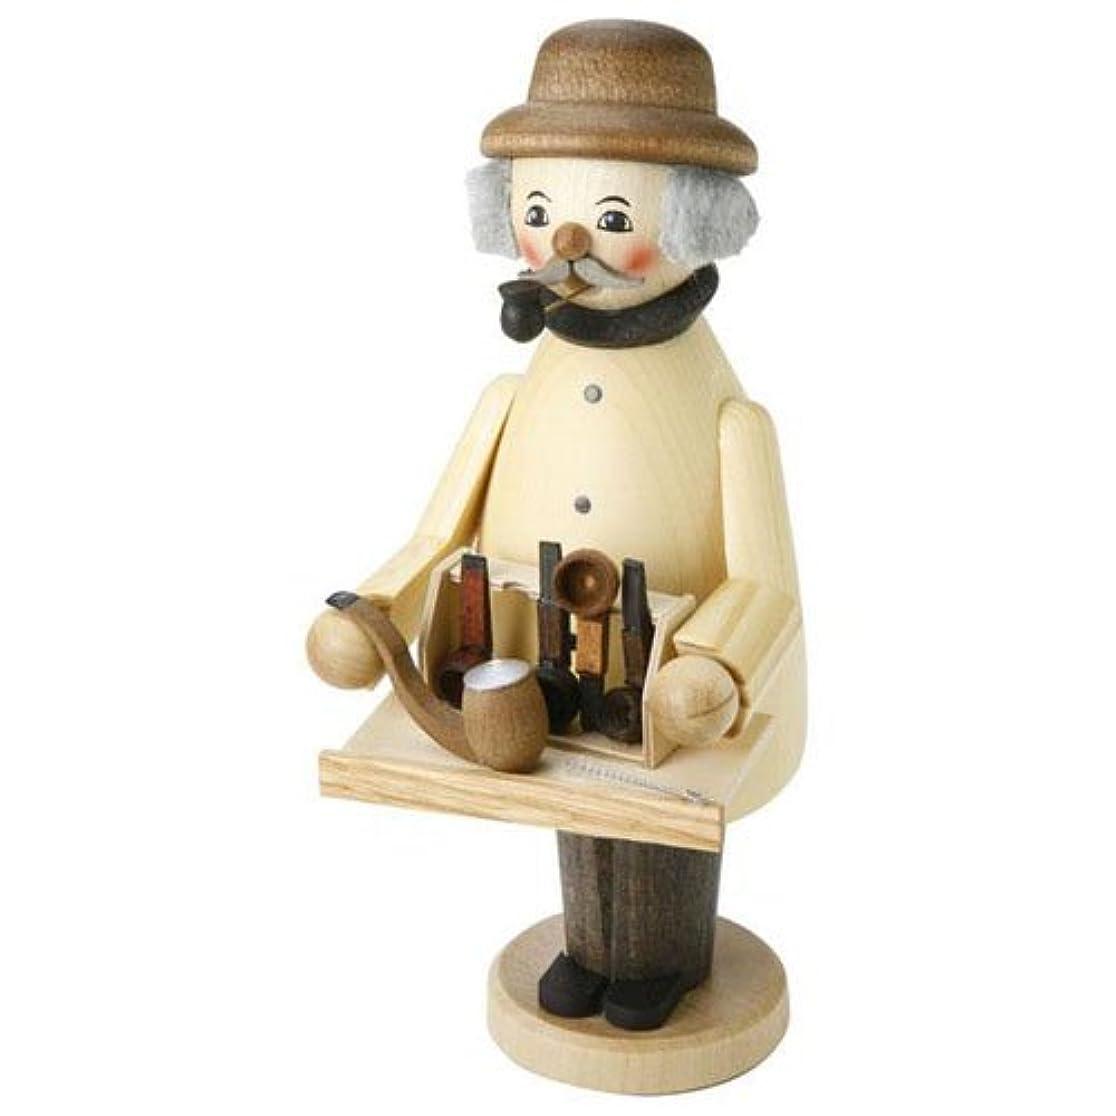 調査強盗ペレグリネーション39089 Kuhnert(クーネルト) ミニパイプ人形香炉 パイプ売り